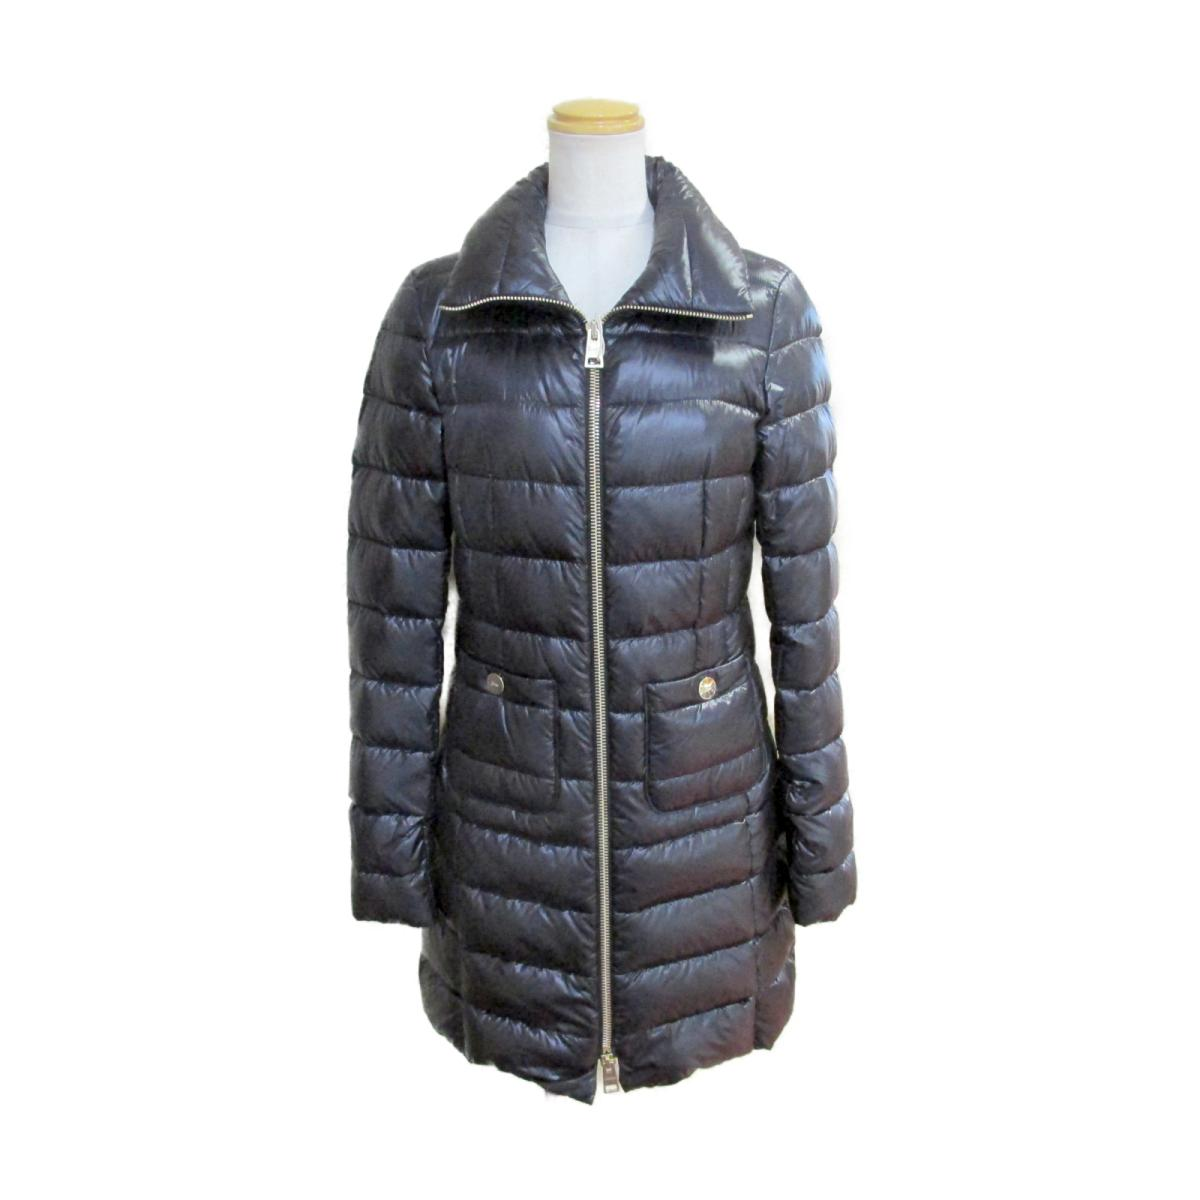 ヘルノ ジャケット 衣料品 レディース ポリアミド (100%) ブラック (PI0002DIC12017930038) | HERNO BRANDOFF ブランドオフ 衣類 ブランド レインコート